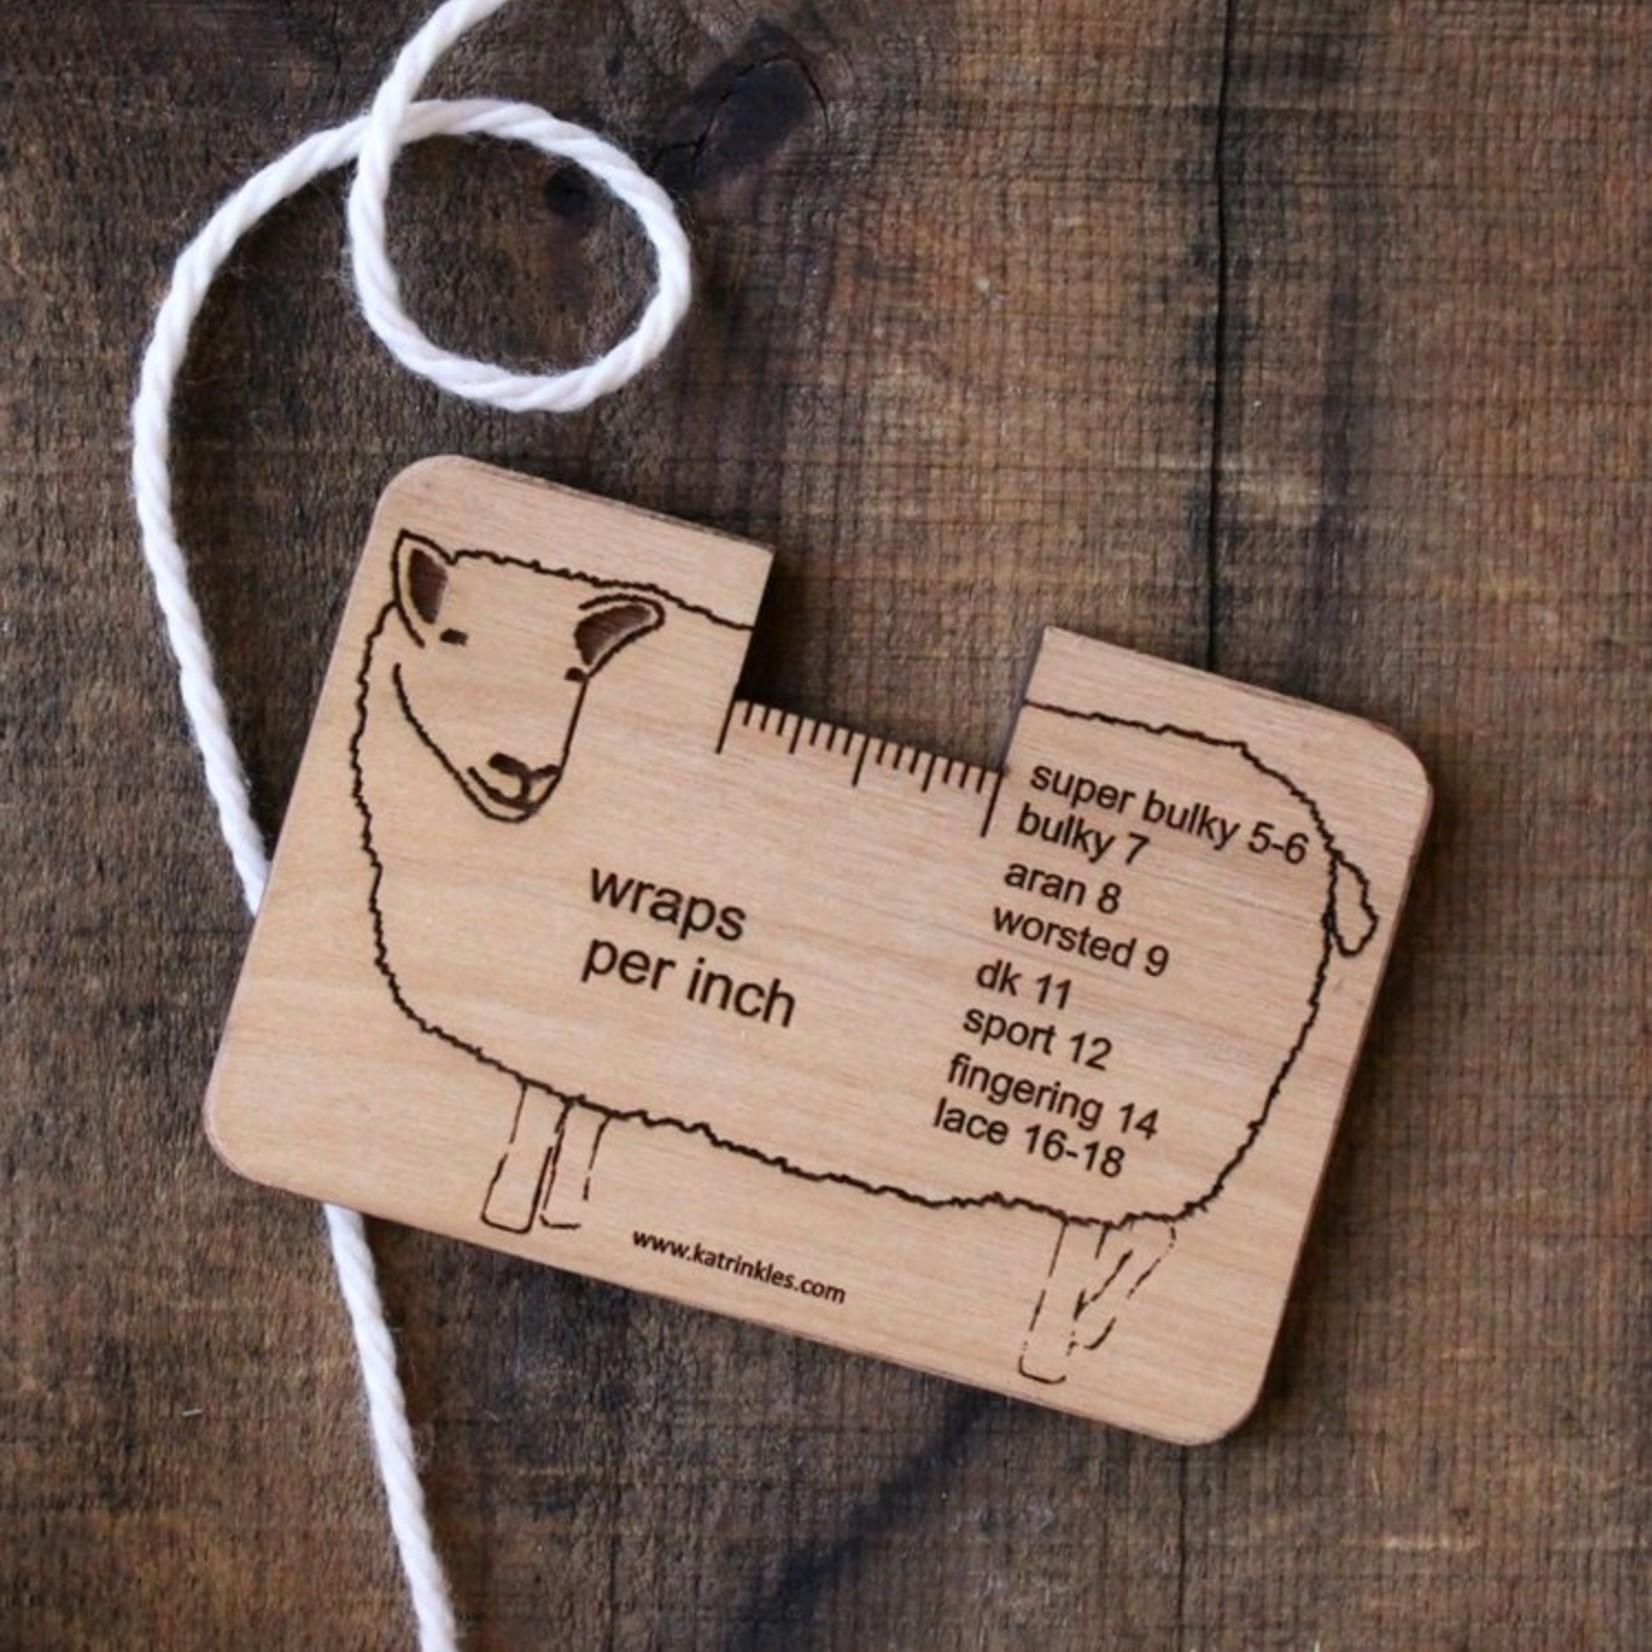 Katrinkles WPI Sheep by Katrinkles